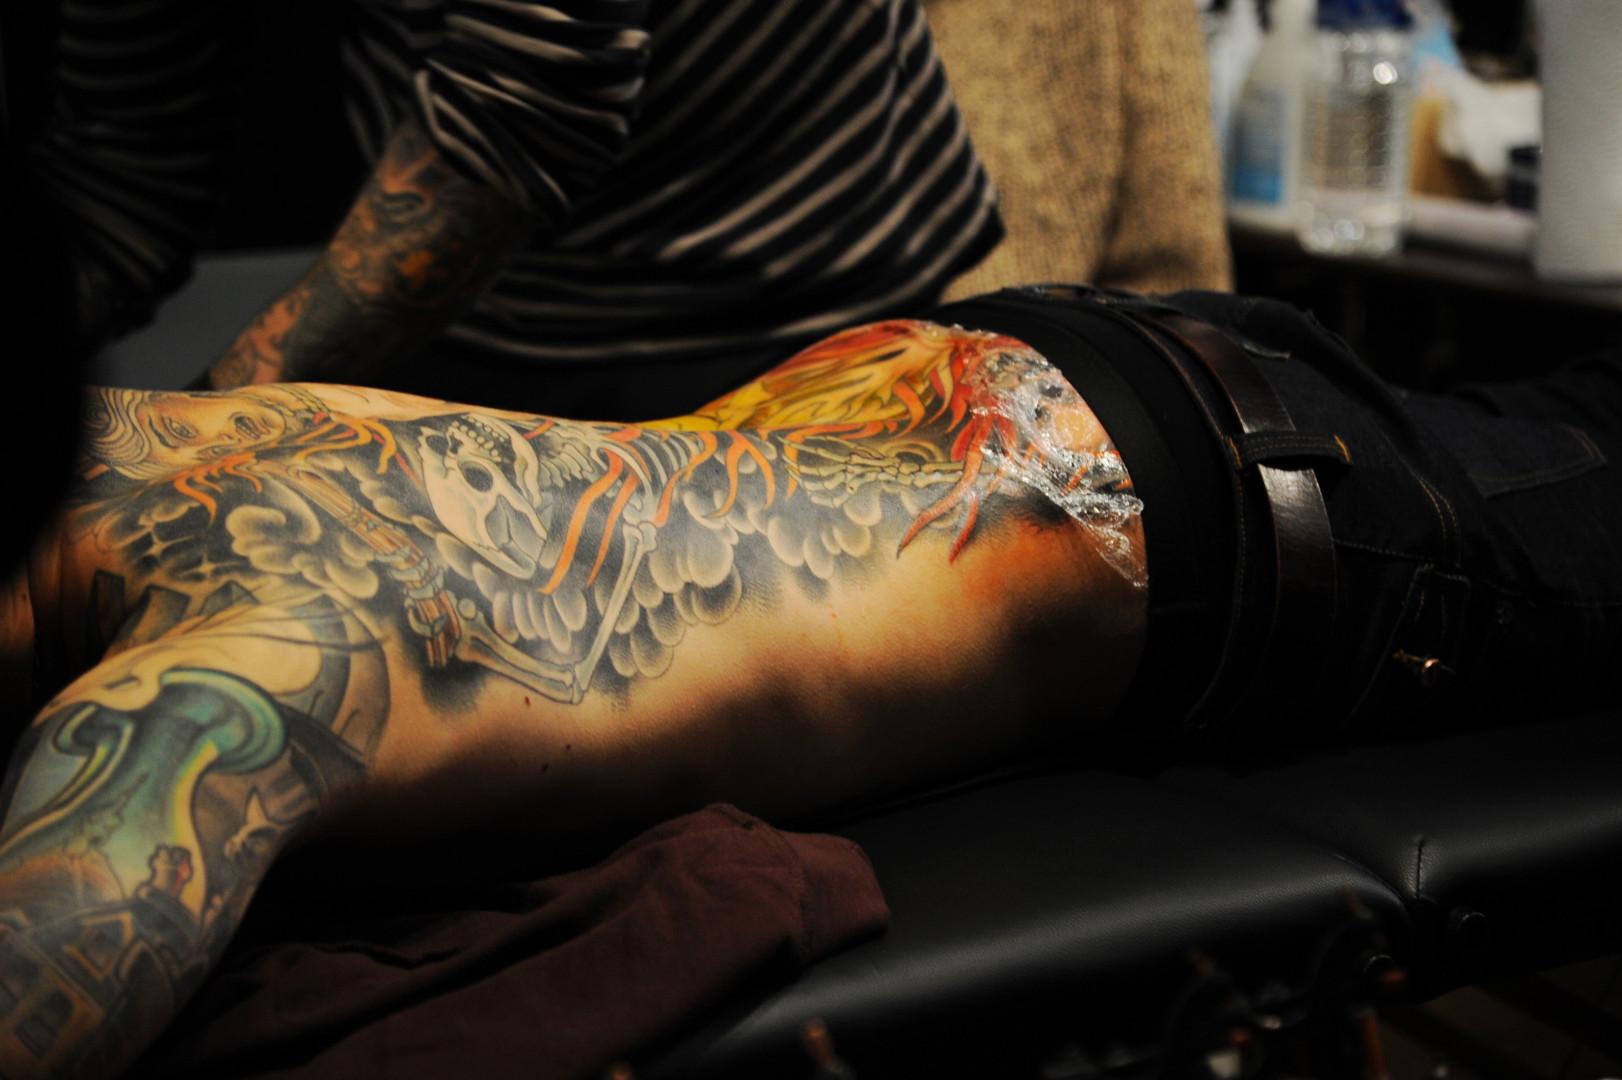 Une fois réalisé, le tatouage est recouvert d'un film plastique pour le protéger